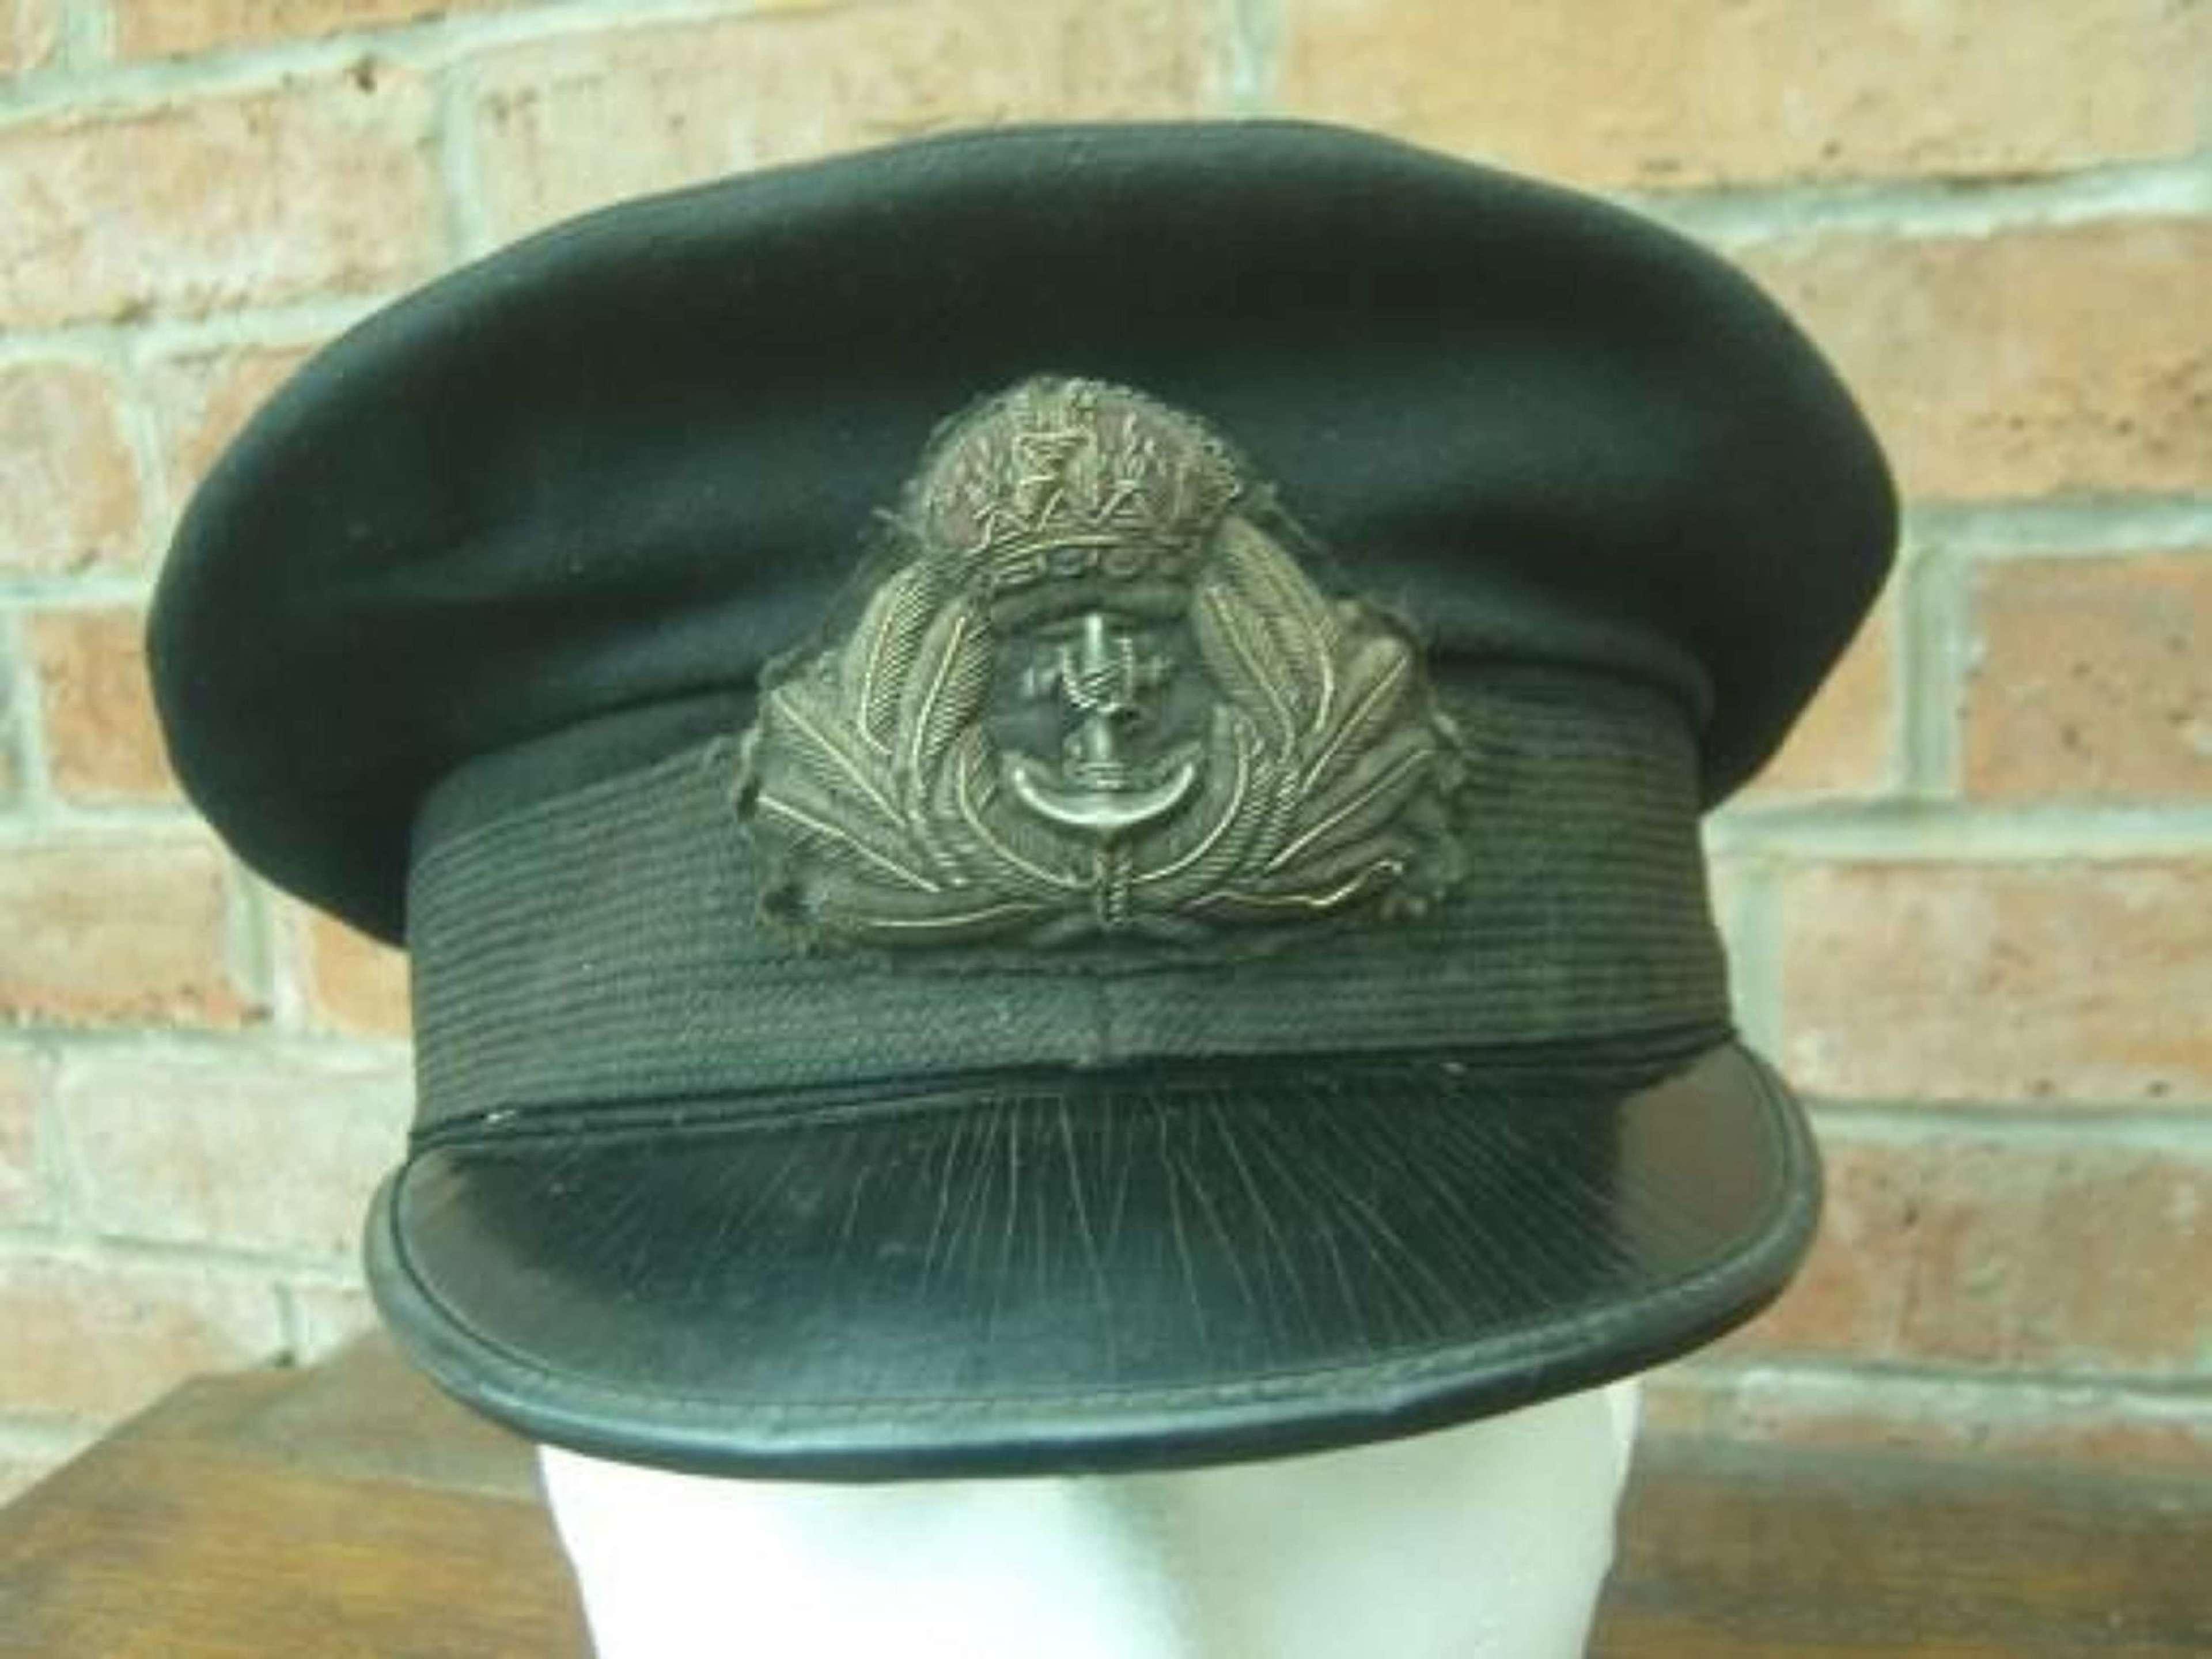 WW1 ROYAL NAVY OFFICERS PEAK CAP